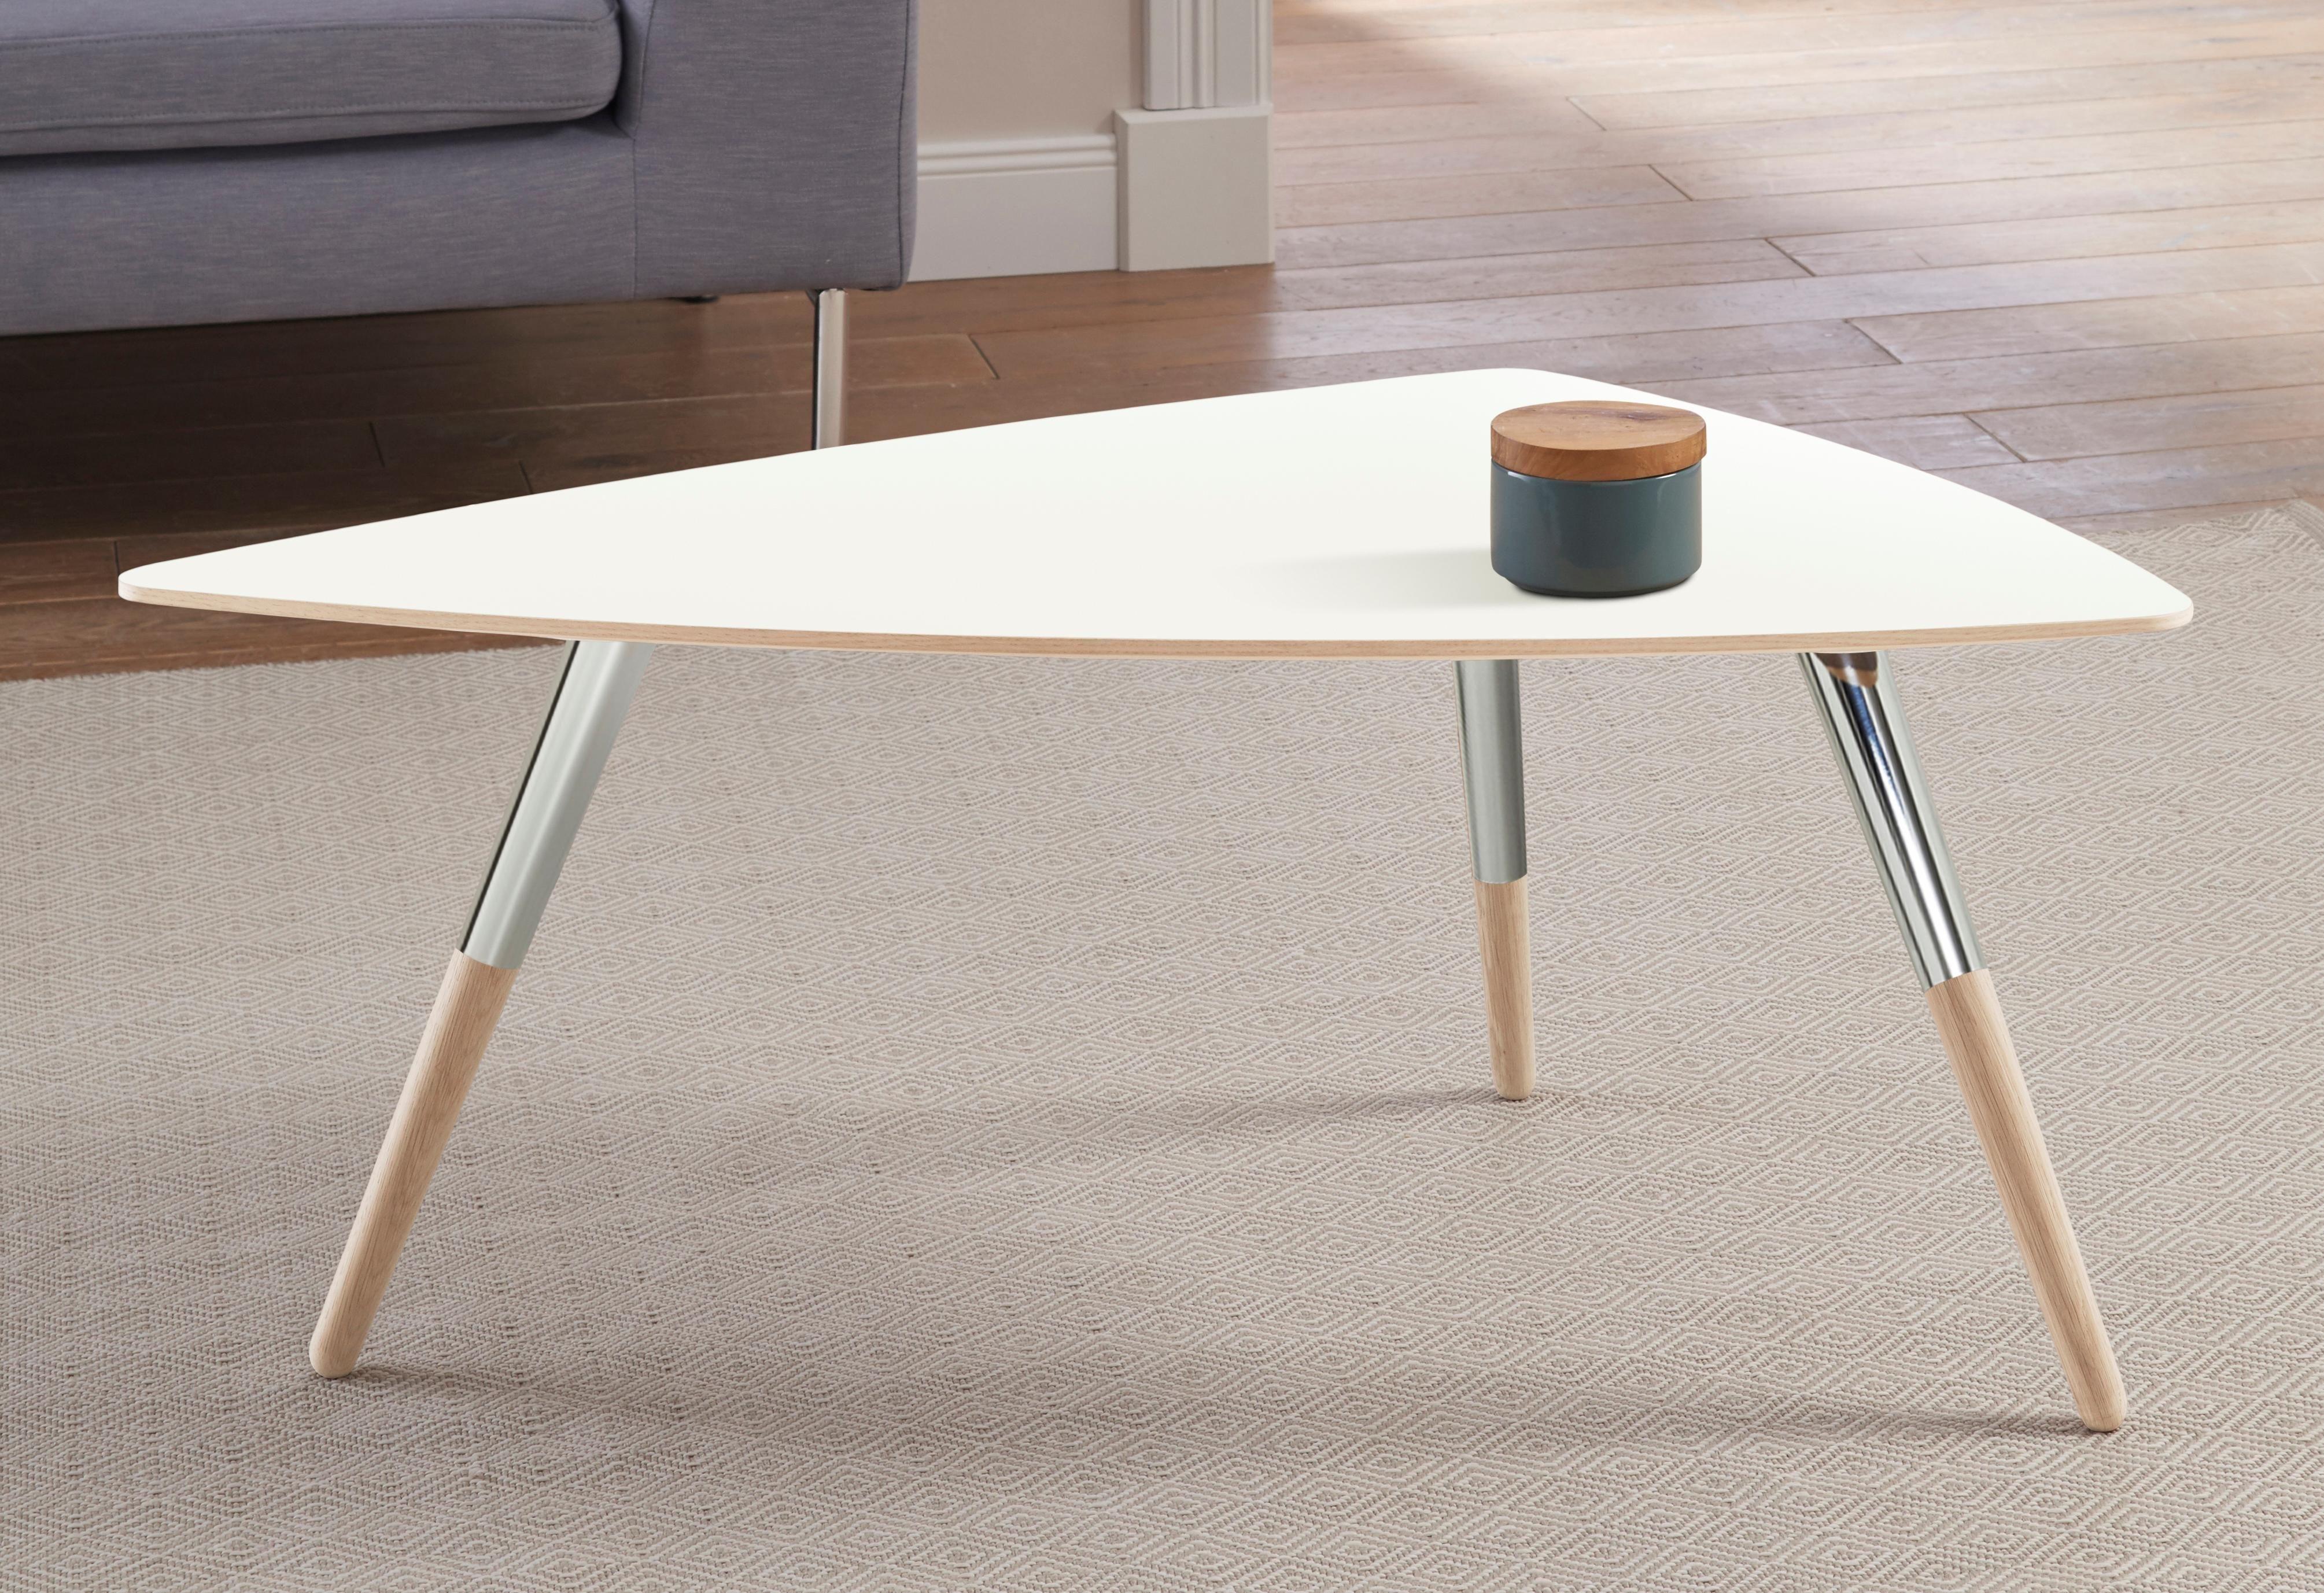 Beistelltisch Holz Design Weißer Couchtisch Hochglanz Couchtisch Massivholz Glasplatte Beistelltisch Rund Silber Poco Wohn Couchtisch Couchtische Tisch